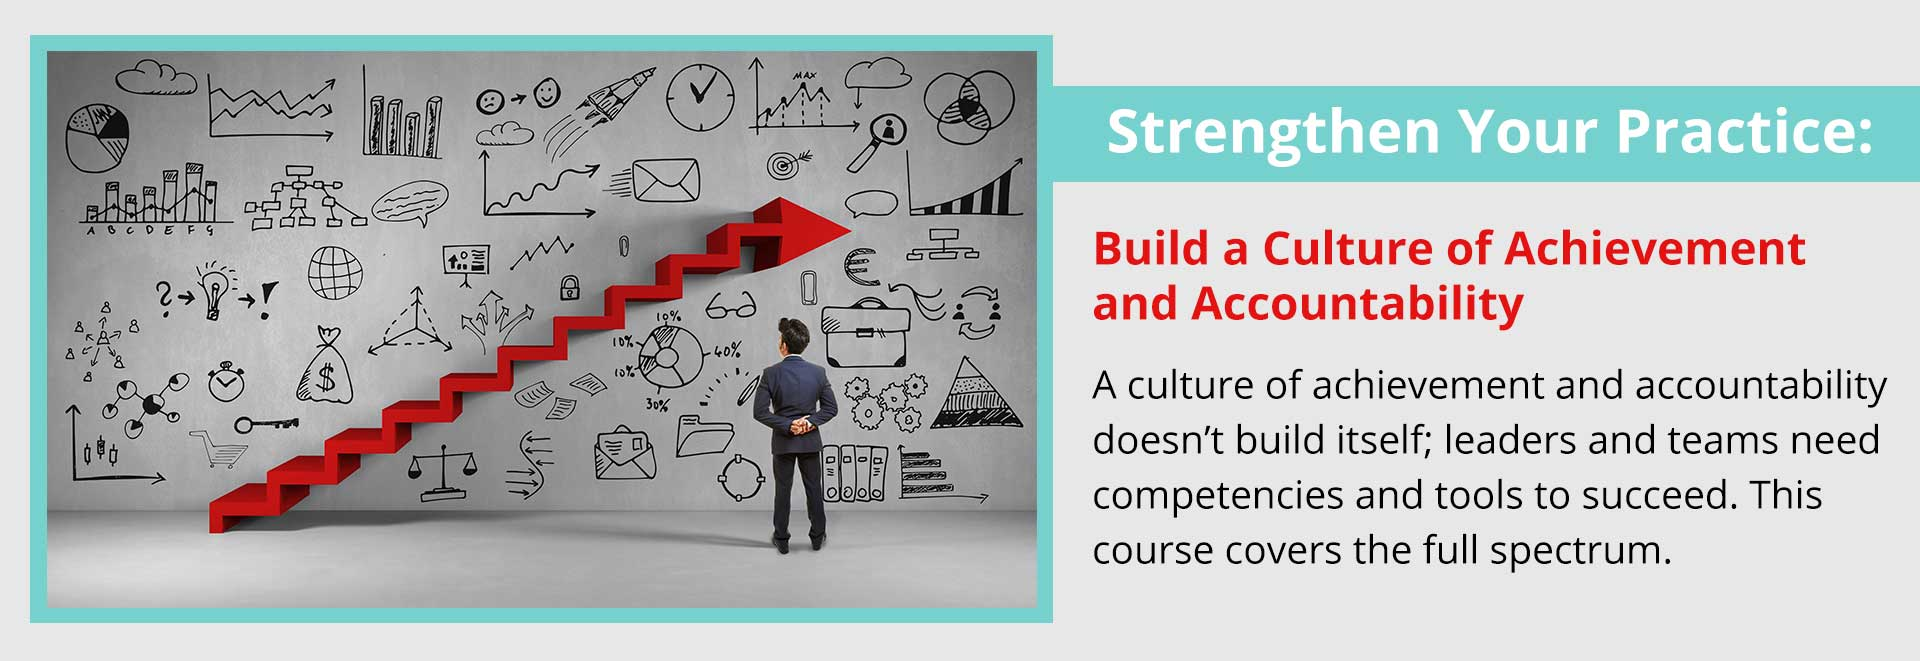 Strengthen Your Practice